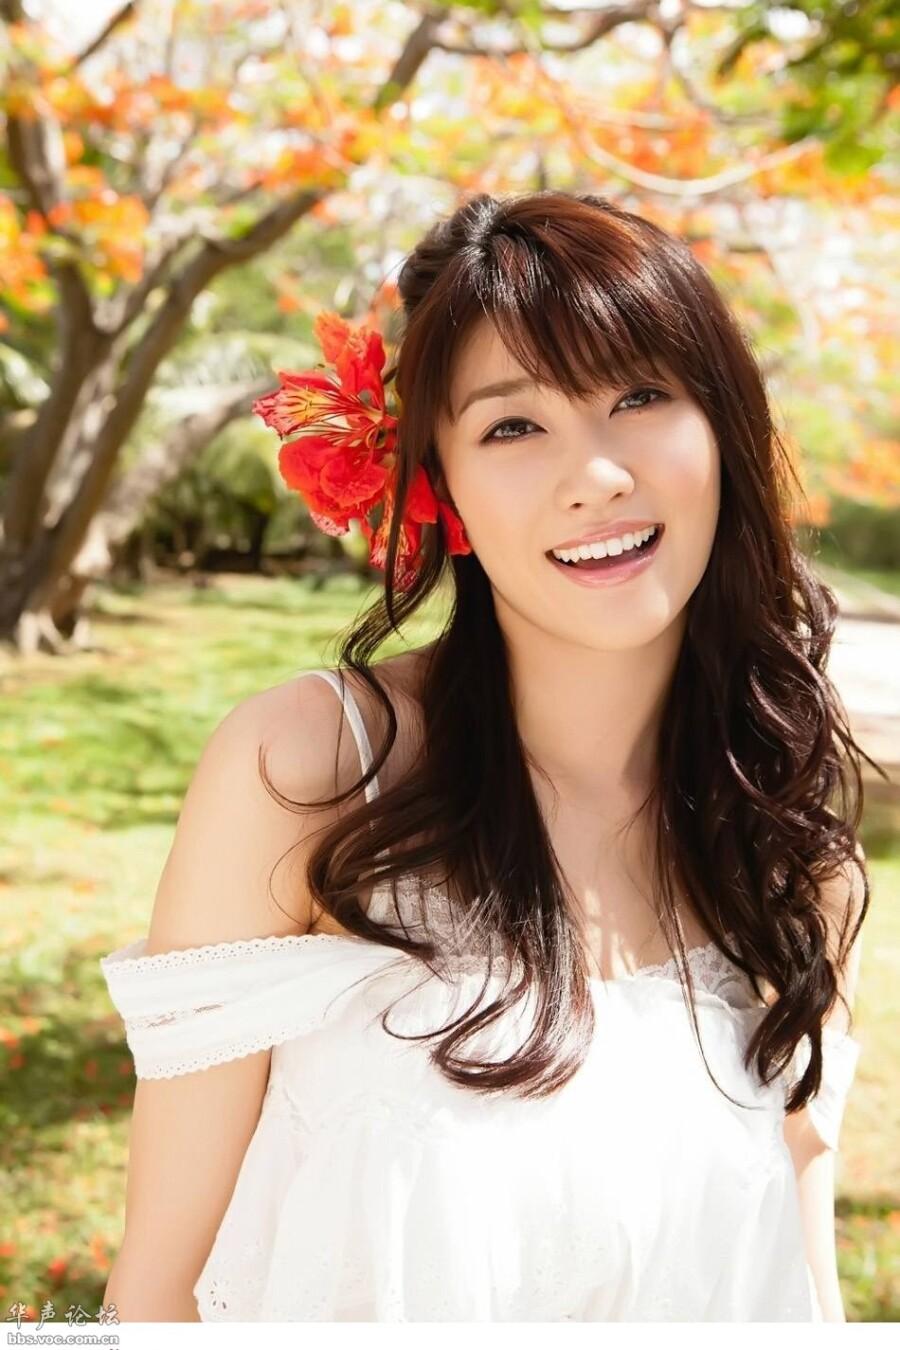 日本美女的人体_日本超人美女模特原千惠清纯写真-美女人体艺术_美女诱惑_更